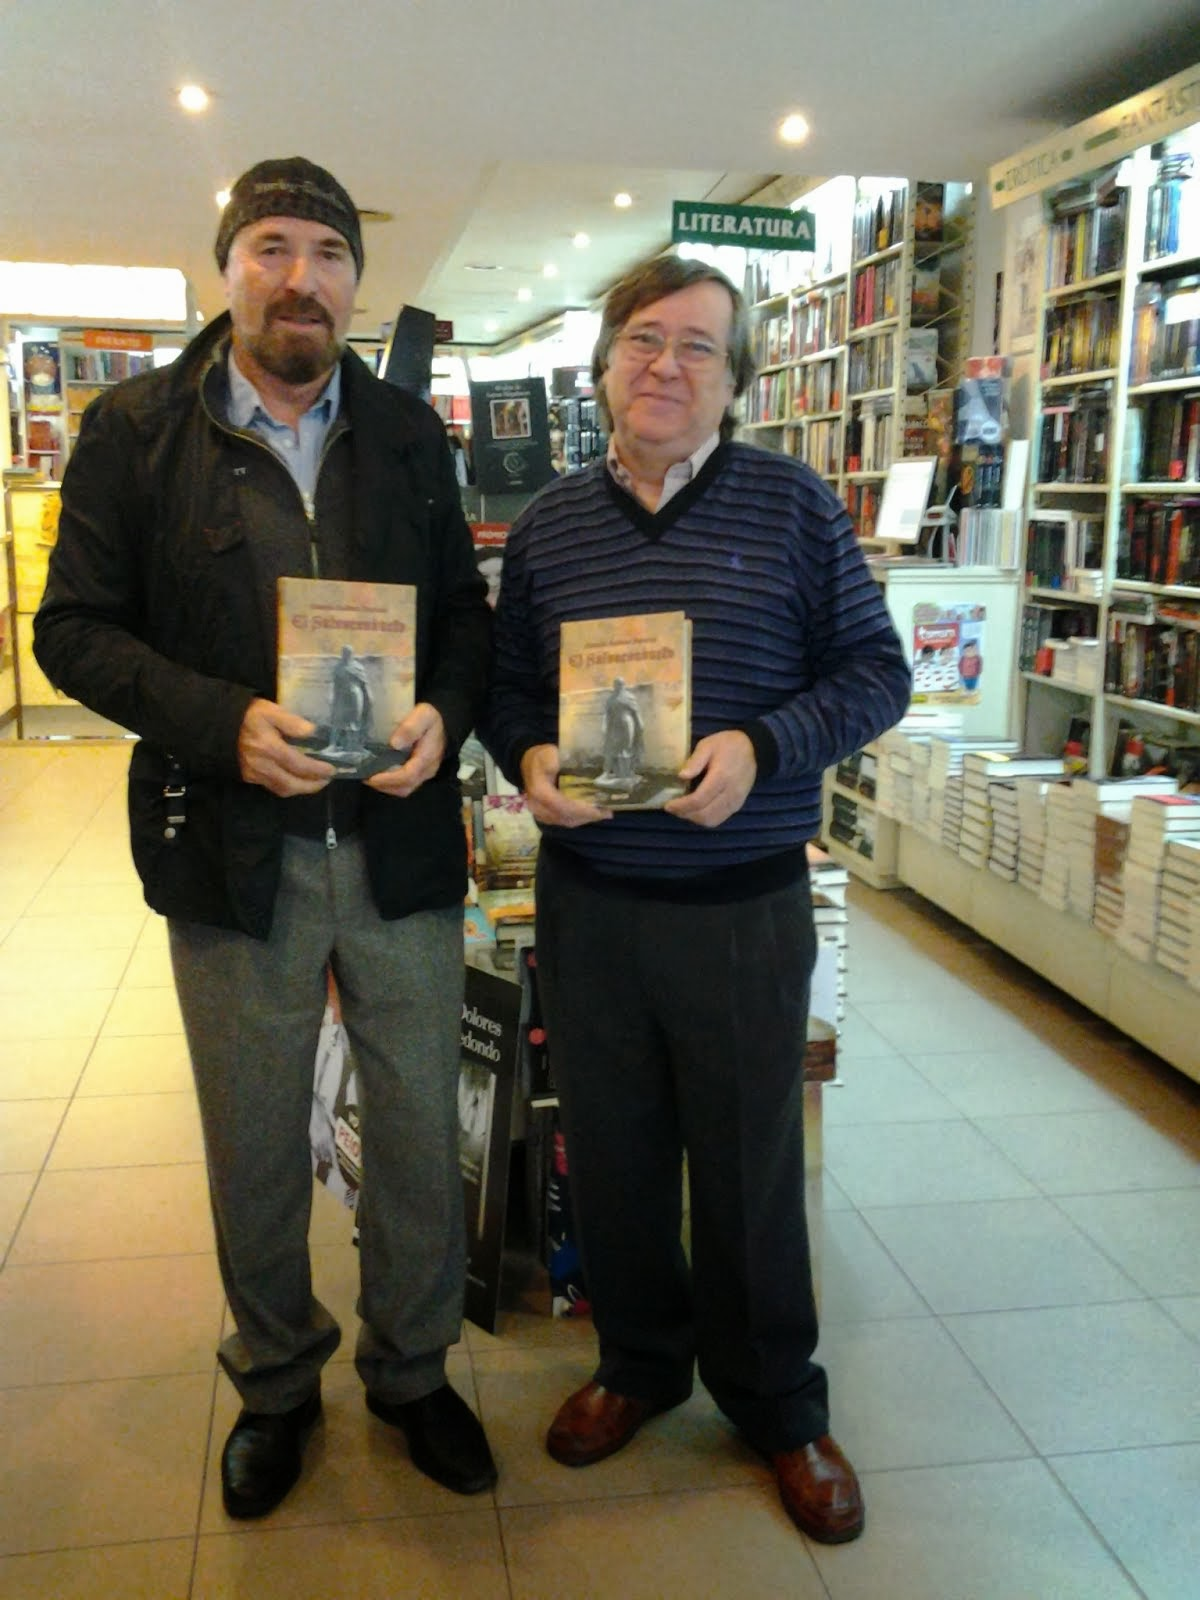 Con Paco, librería Ali i truc (Elche).